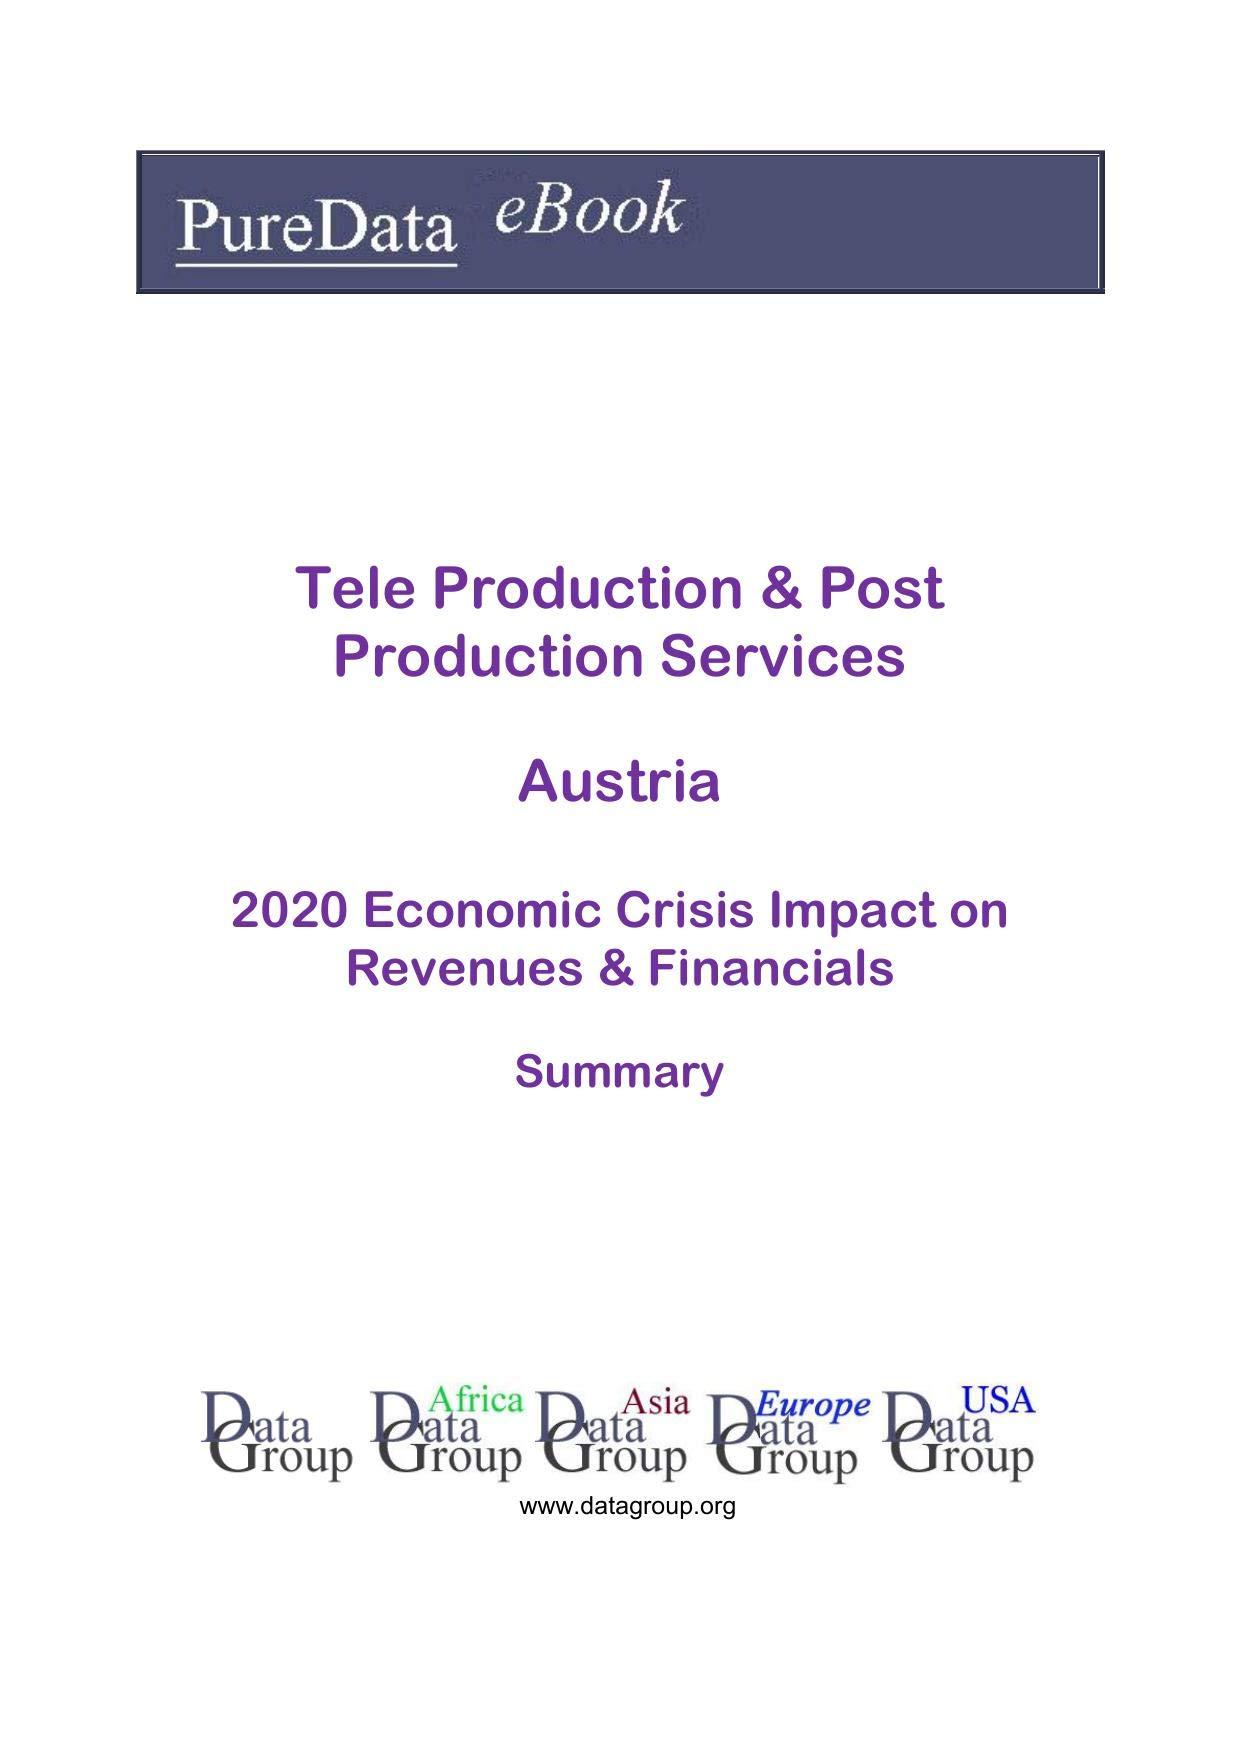 Tele Production & Post Production Services Austria Summary: 2020 Economic Crisis Impact on Revenues & Financials